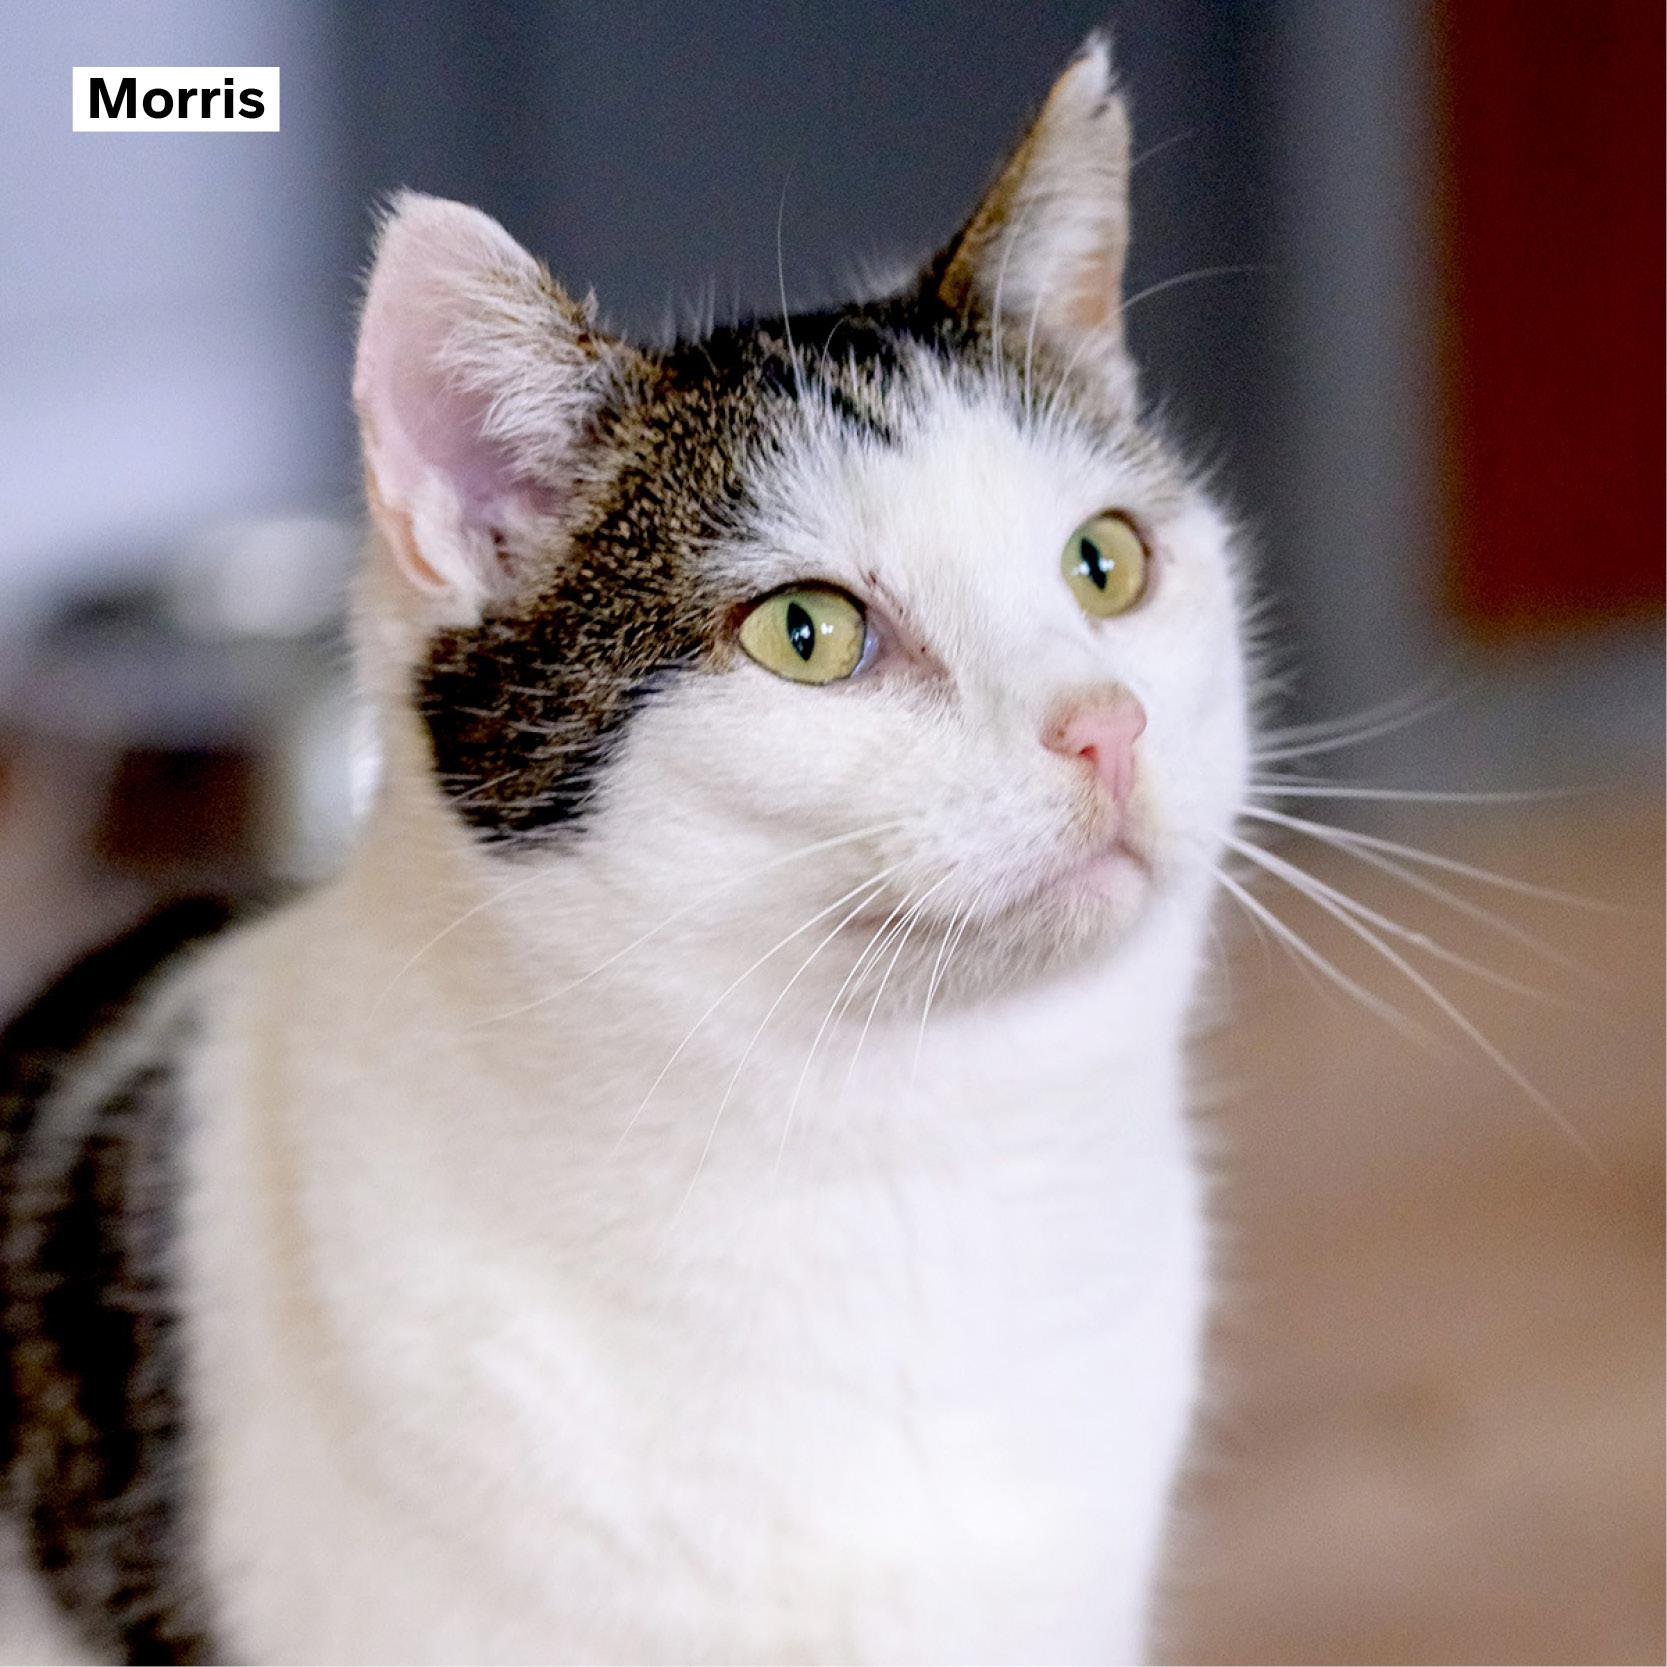 meter_peter_38 Morris